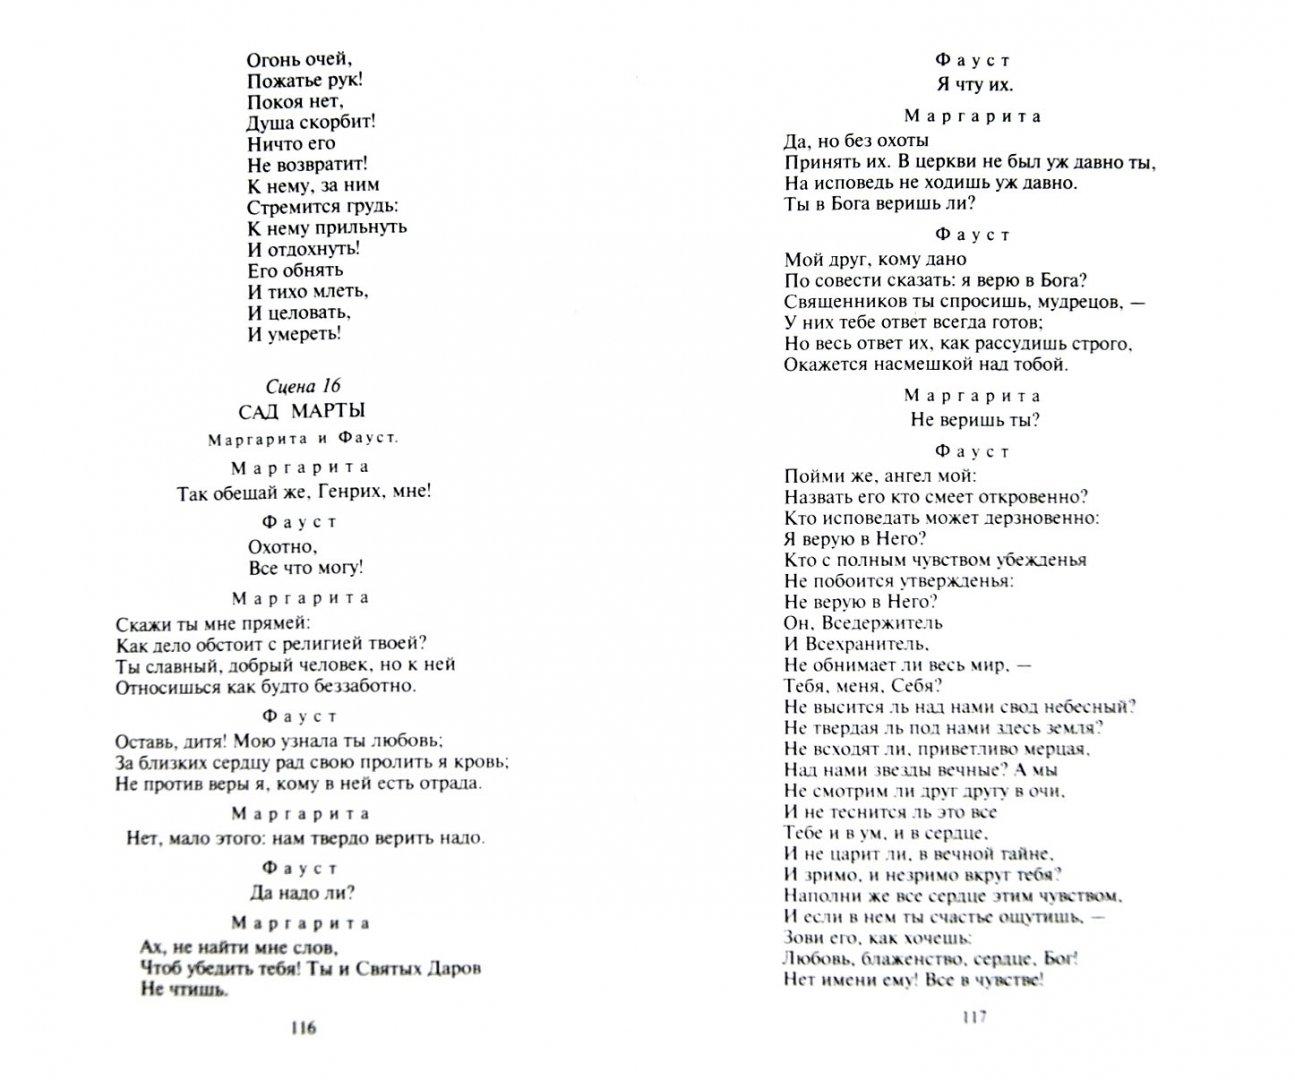 Иллюстрация 1 из 3 для Фауст - Иоганн Гете | Лабиринт - книги. Источник: Лабиринт